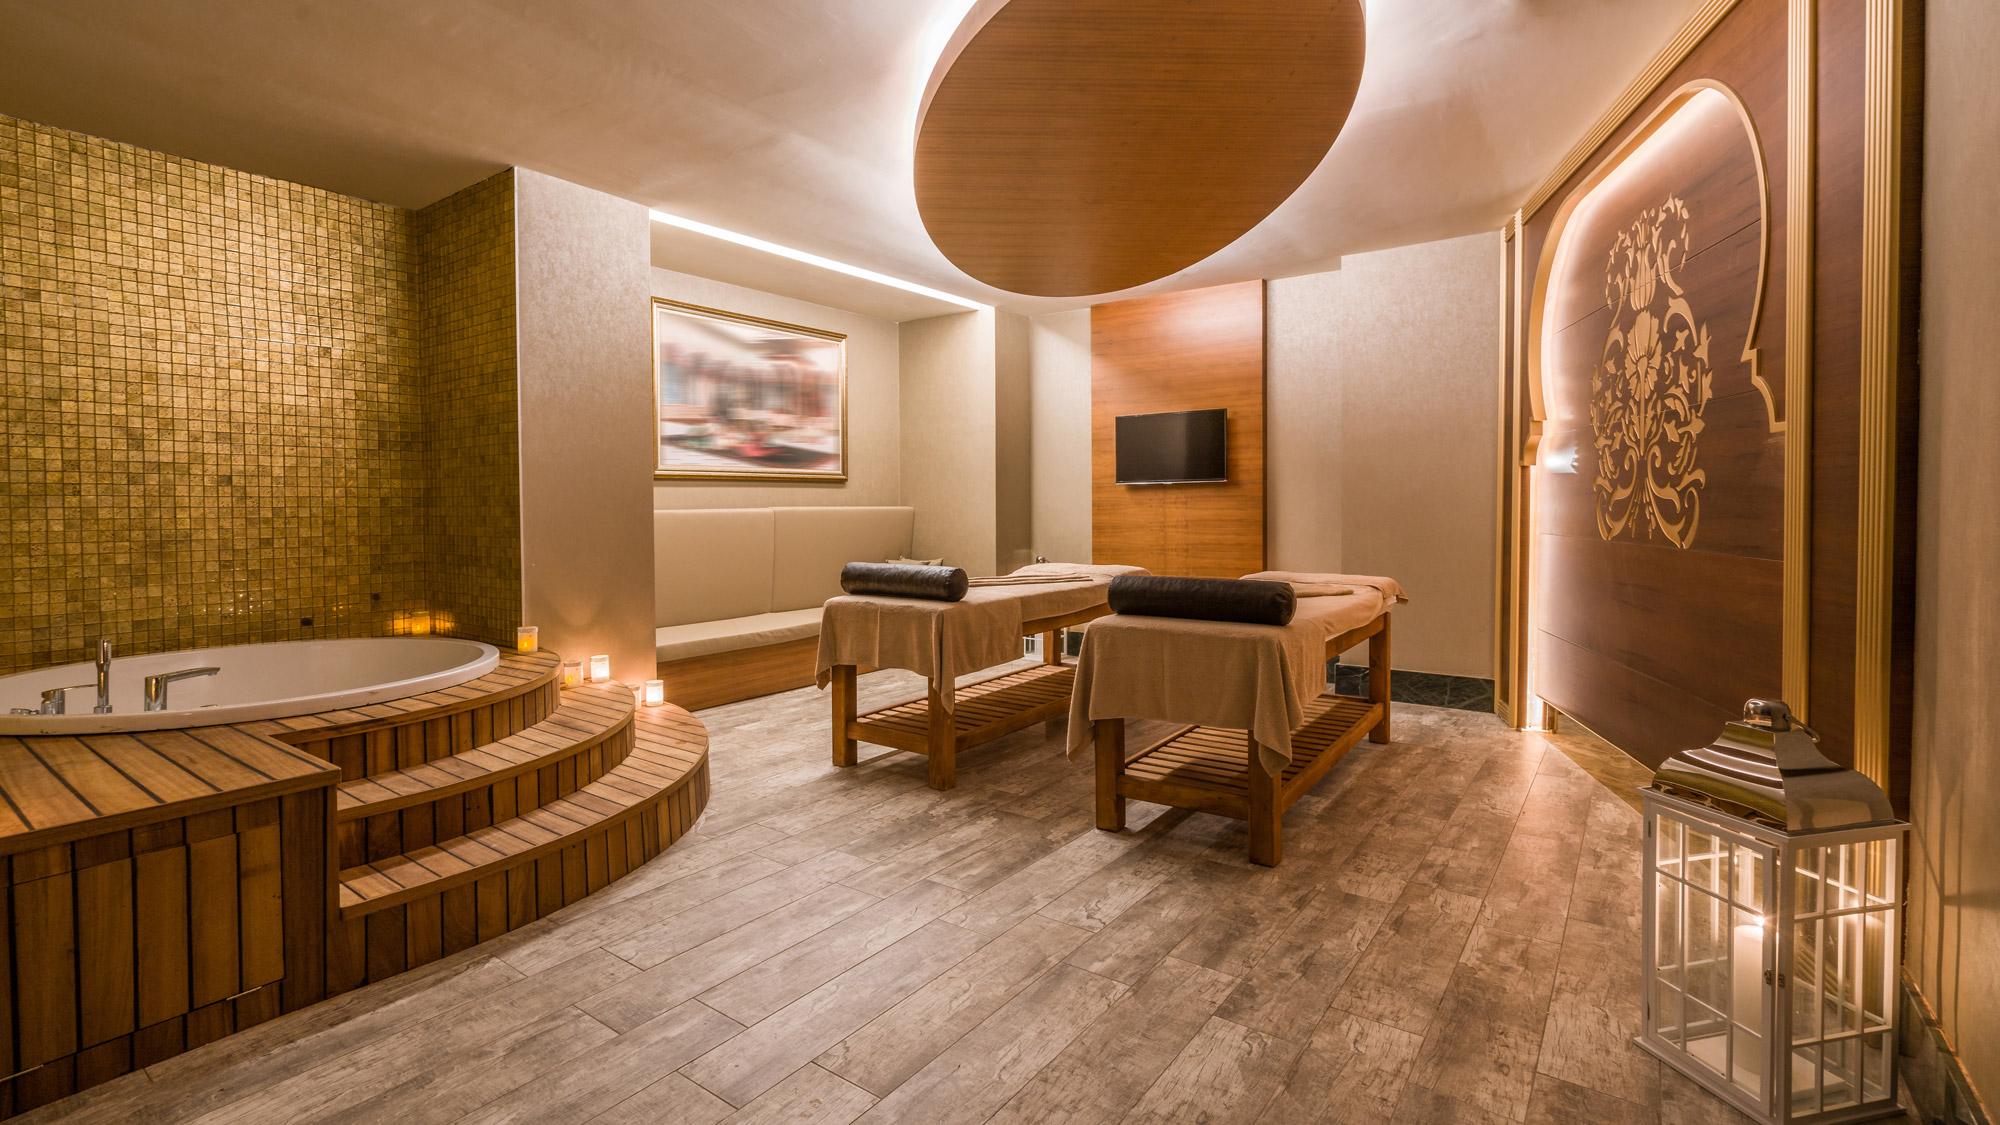 Salle de Spa avec baignoire, 2 tables de massage, écran TV